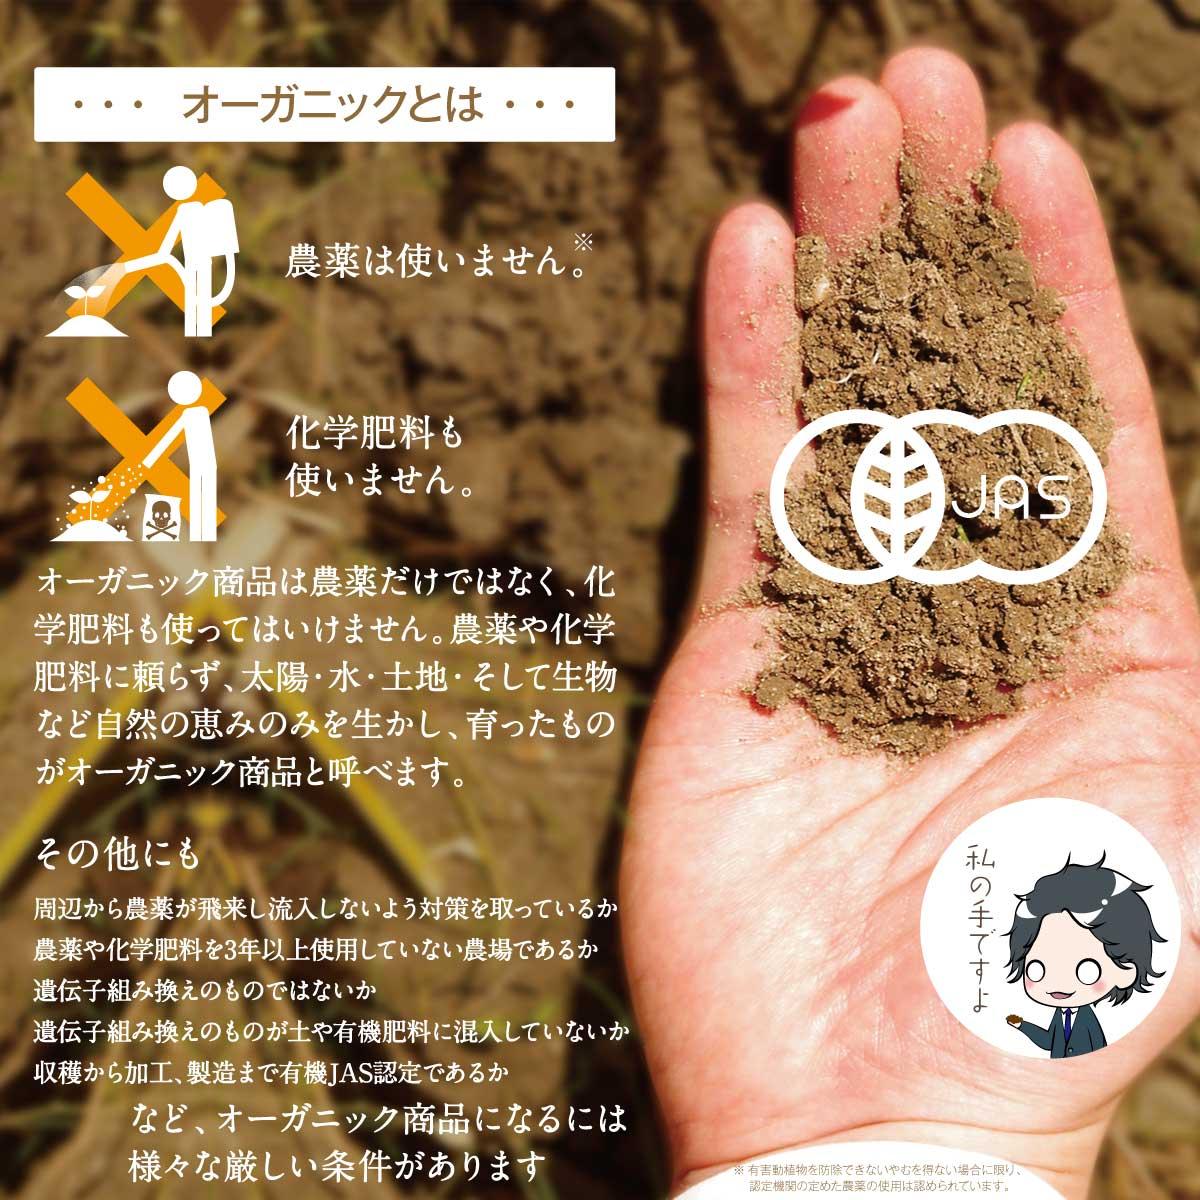 オーガニック抹茶粉末30g入り 農薬不使用、化学肥料不使用の有機栽培茶葉から作った有機抹茶粉末!送料無料  OM